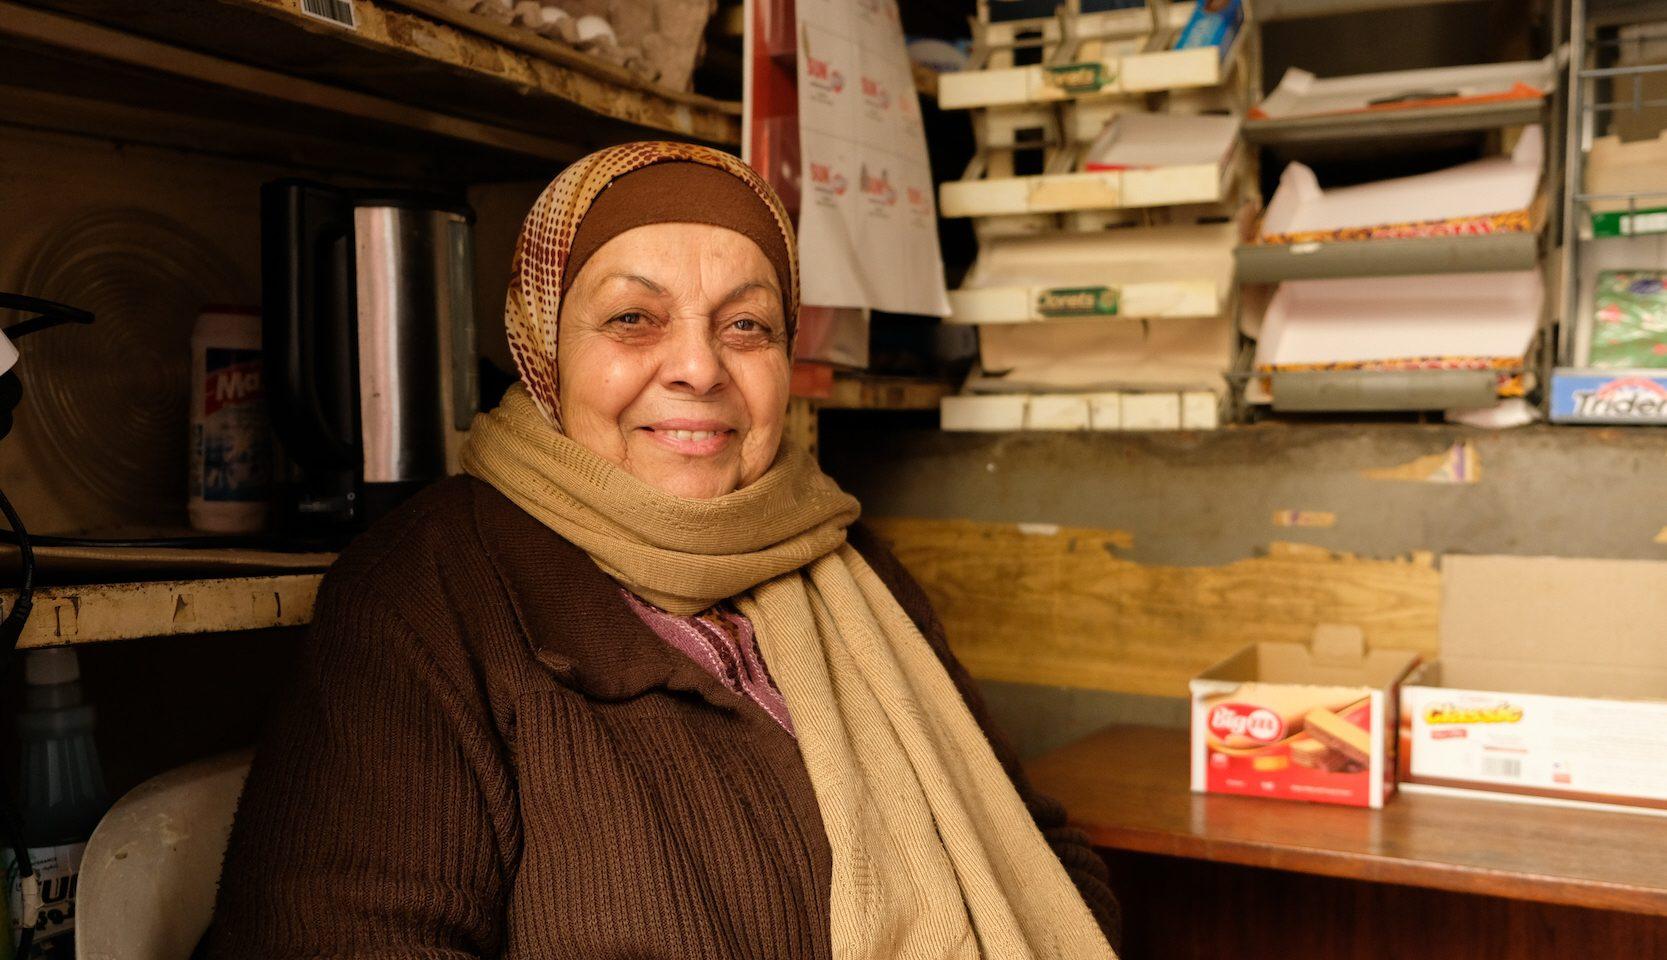 Samia Mansour håller trots utegångsförbudet sin lilla butik i Beirut öppen ett par timmar varje dag.